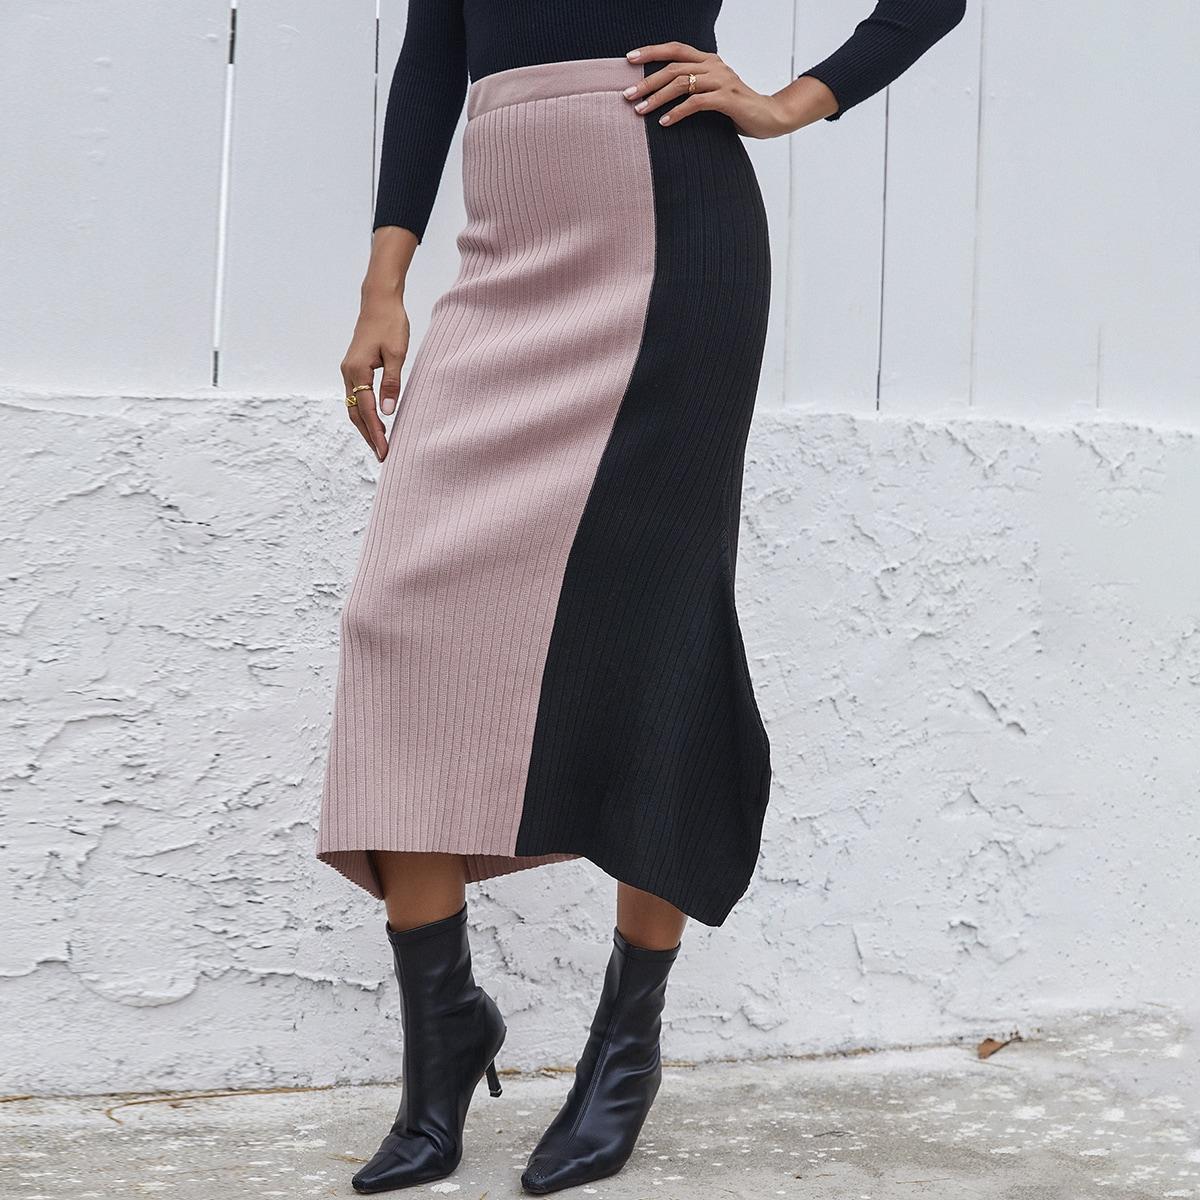 Асимметричный контрастный цвет повседневный вязаные юбки